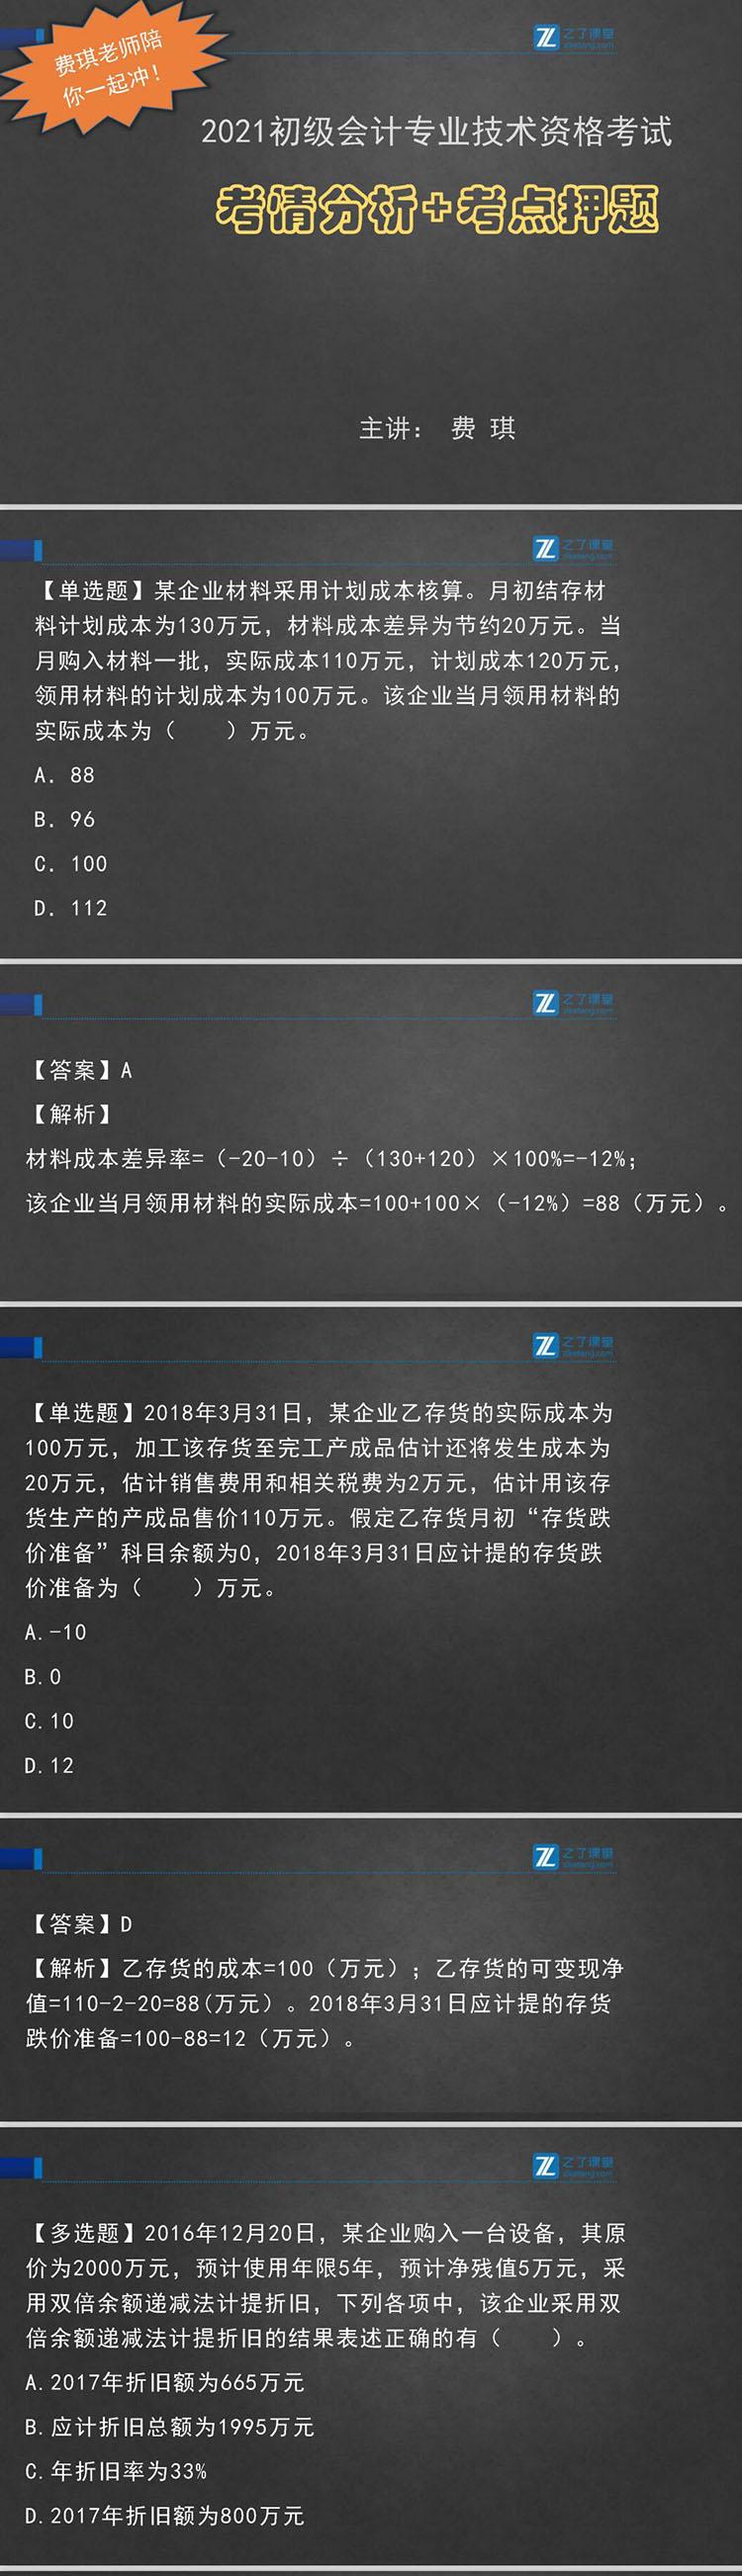 直播讲义:费教师5月18日初级管帐【考情剖析】直播讲义下载